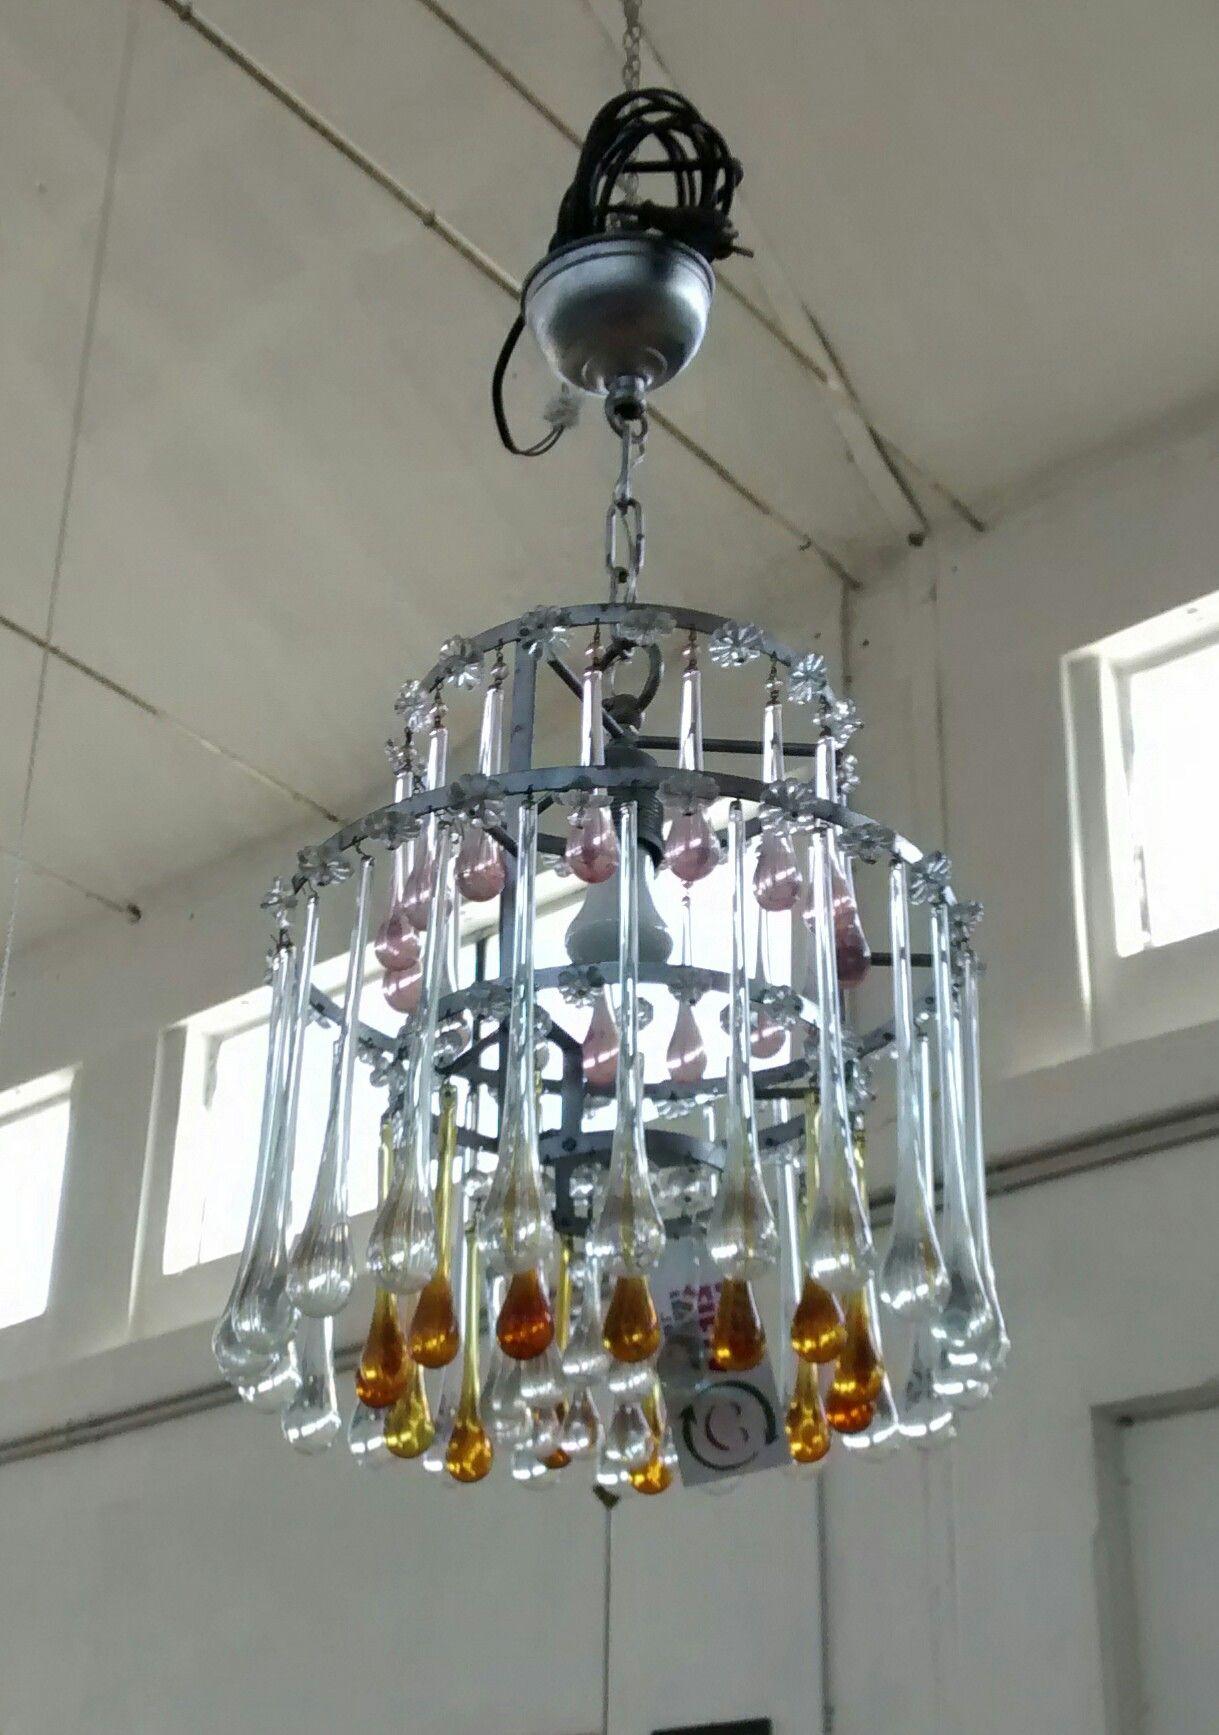 Gocce Vetro Per Lampadari.Lampadario Anni 50 Con Gocce Di Vetro Di Murano Colorate